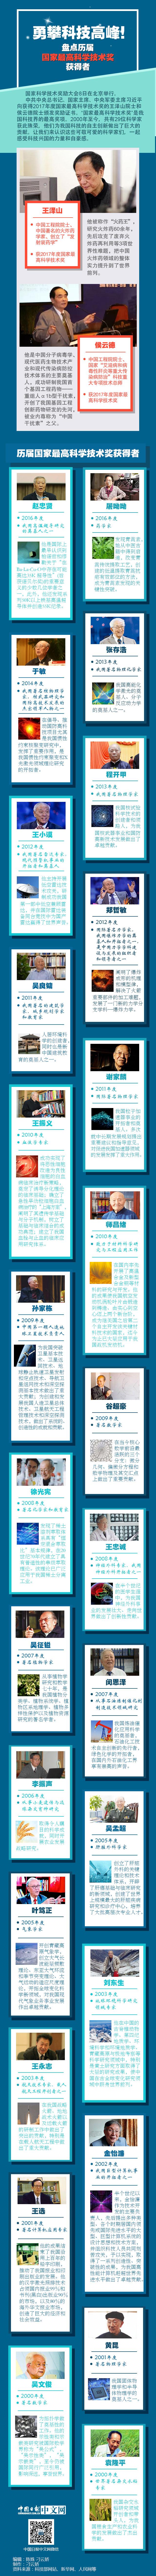 图解:盘点历届国家最高科学技术奖获得者 - 纳兰容若 - 纳兰容若